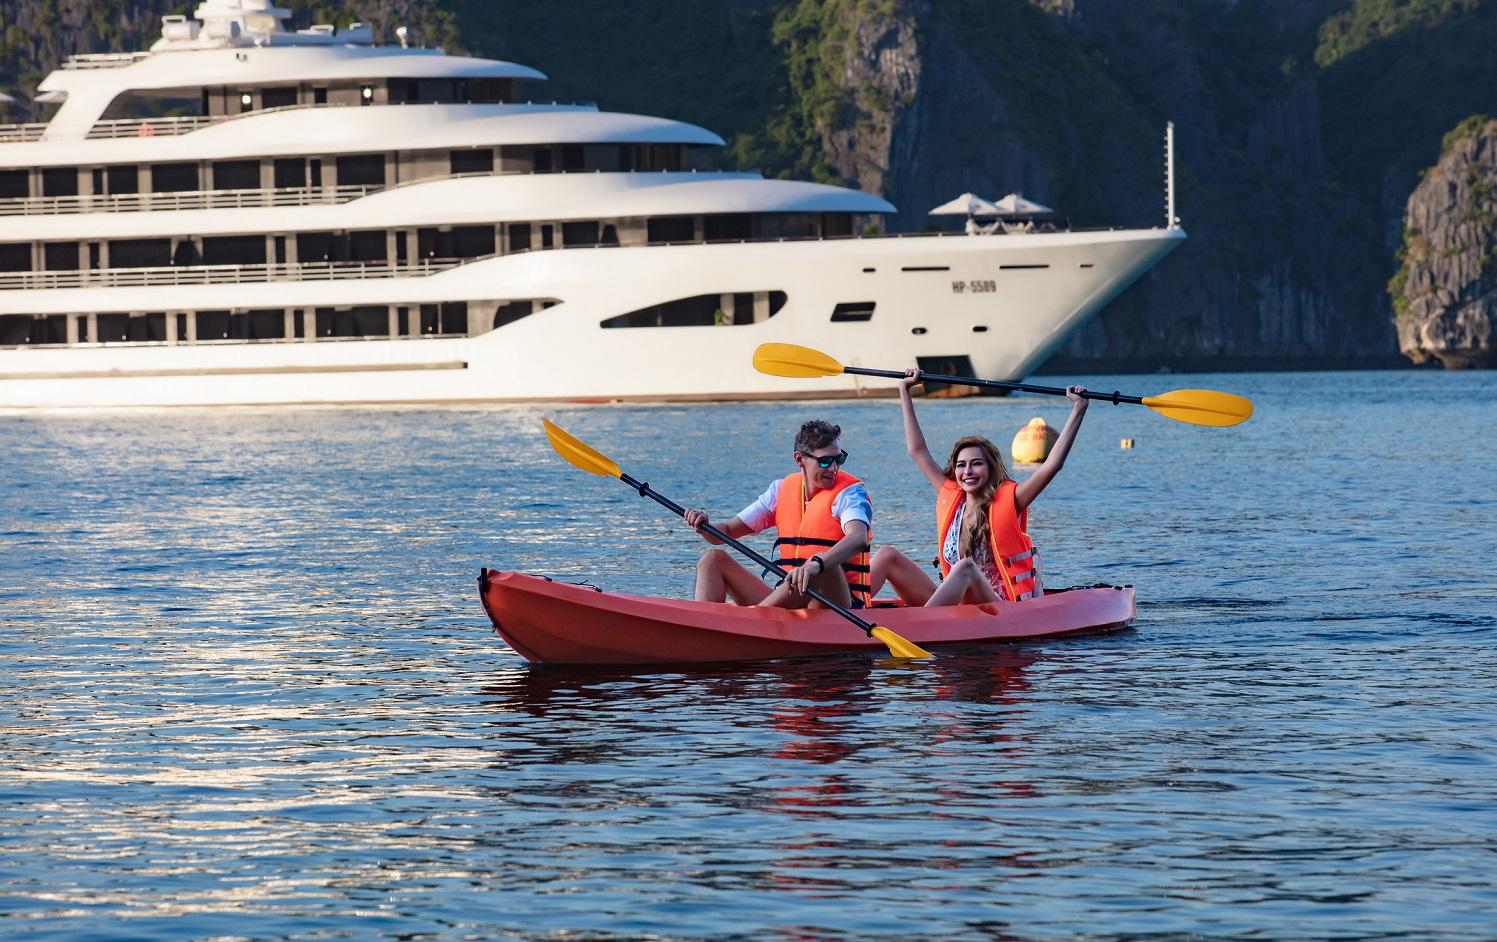 Du khách trải nghiệm tại du thuyền Hạ Long Scarlet Pearl. Ảnh: Scarlet Pearl Cruises.